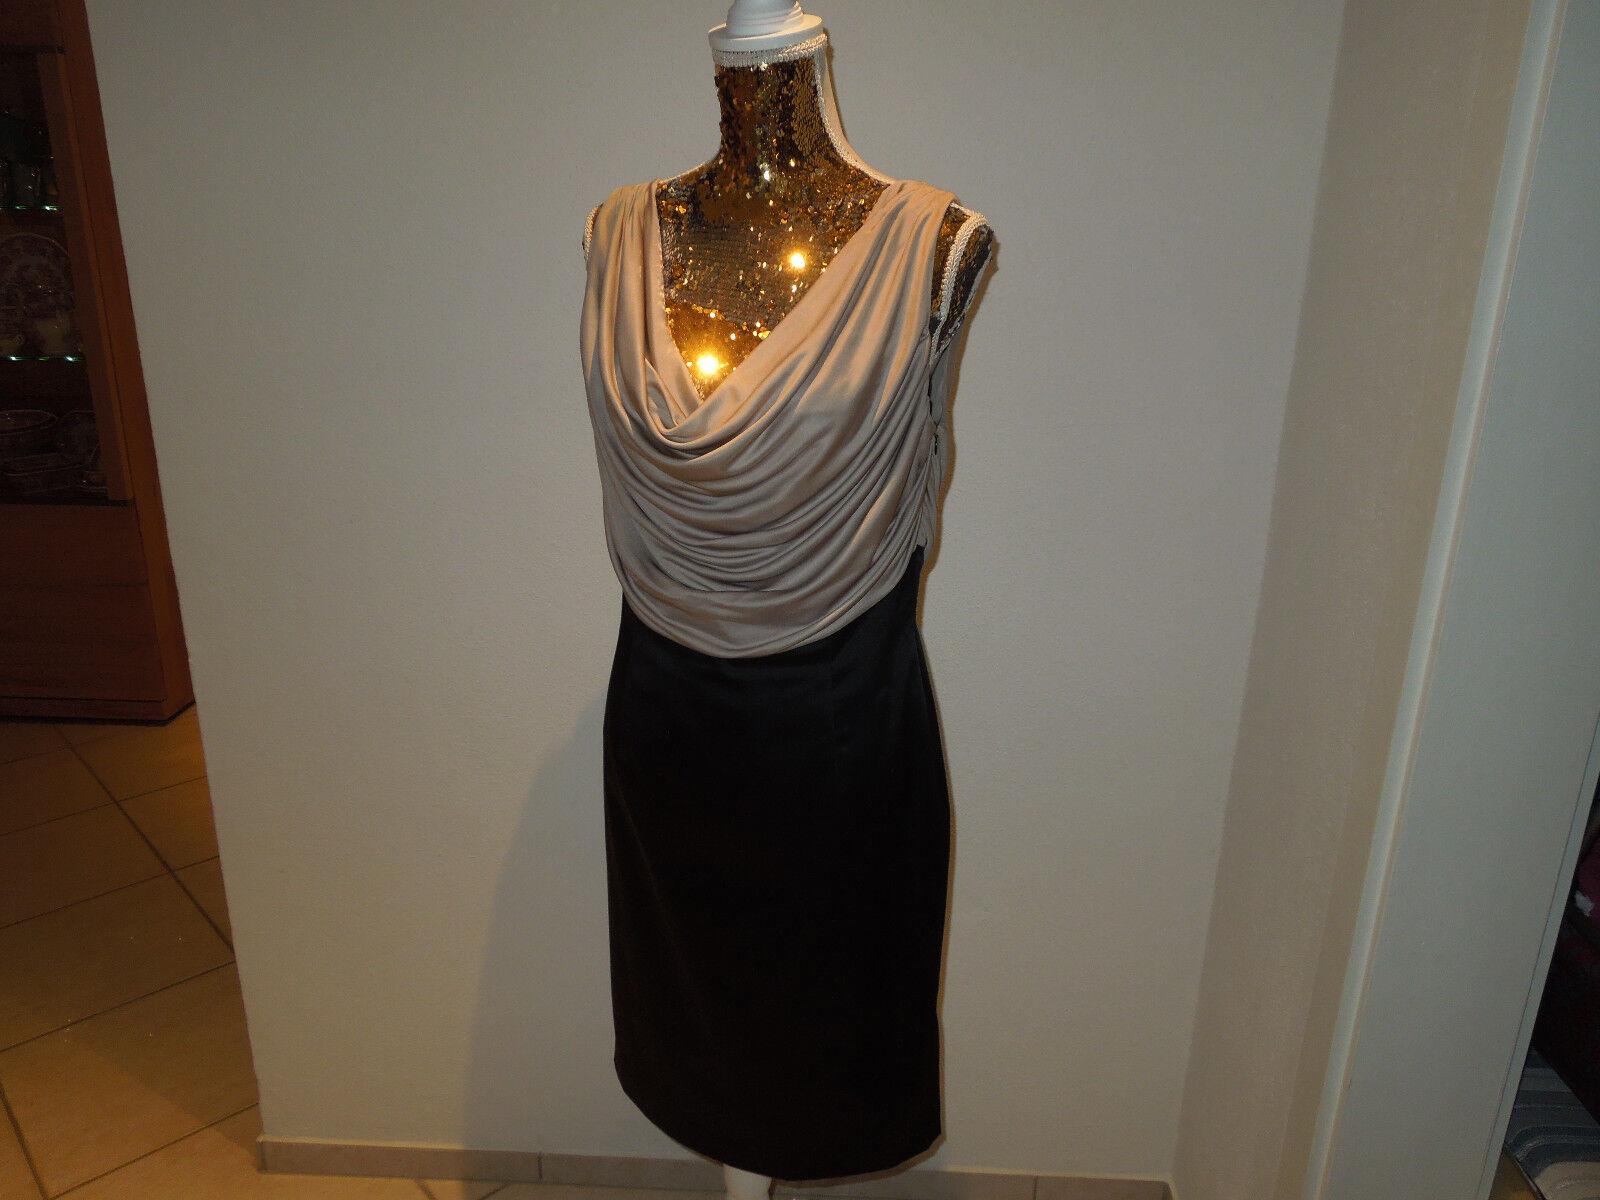 Elegantes Kleid Größe Größe Größe 40 Oberteil Wasserfall Top | Haltbarkeit  | Spielen Sie das Beste  | Sehr gute Farbe  e5ab0a